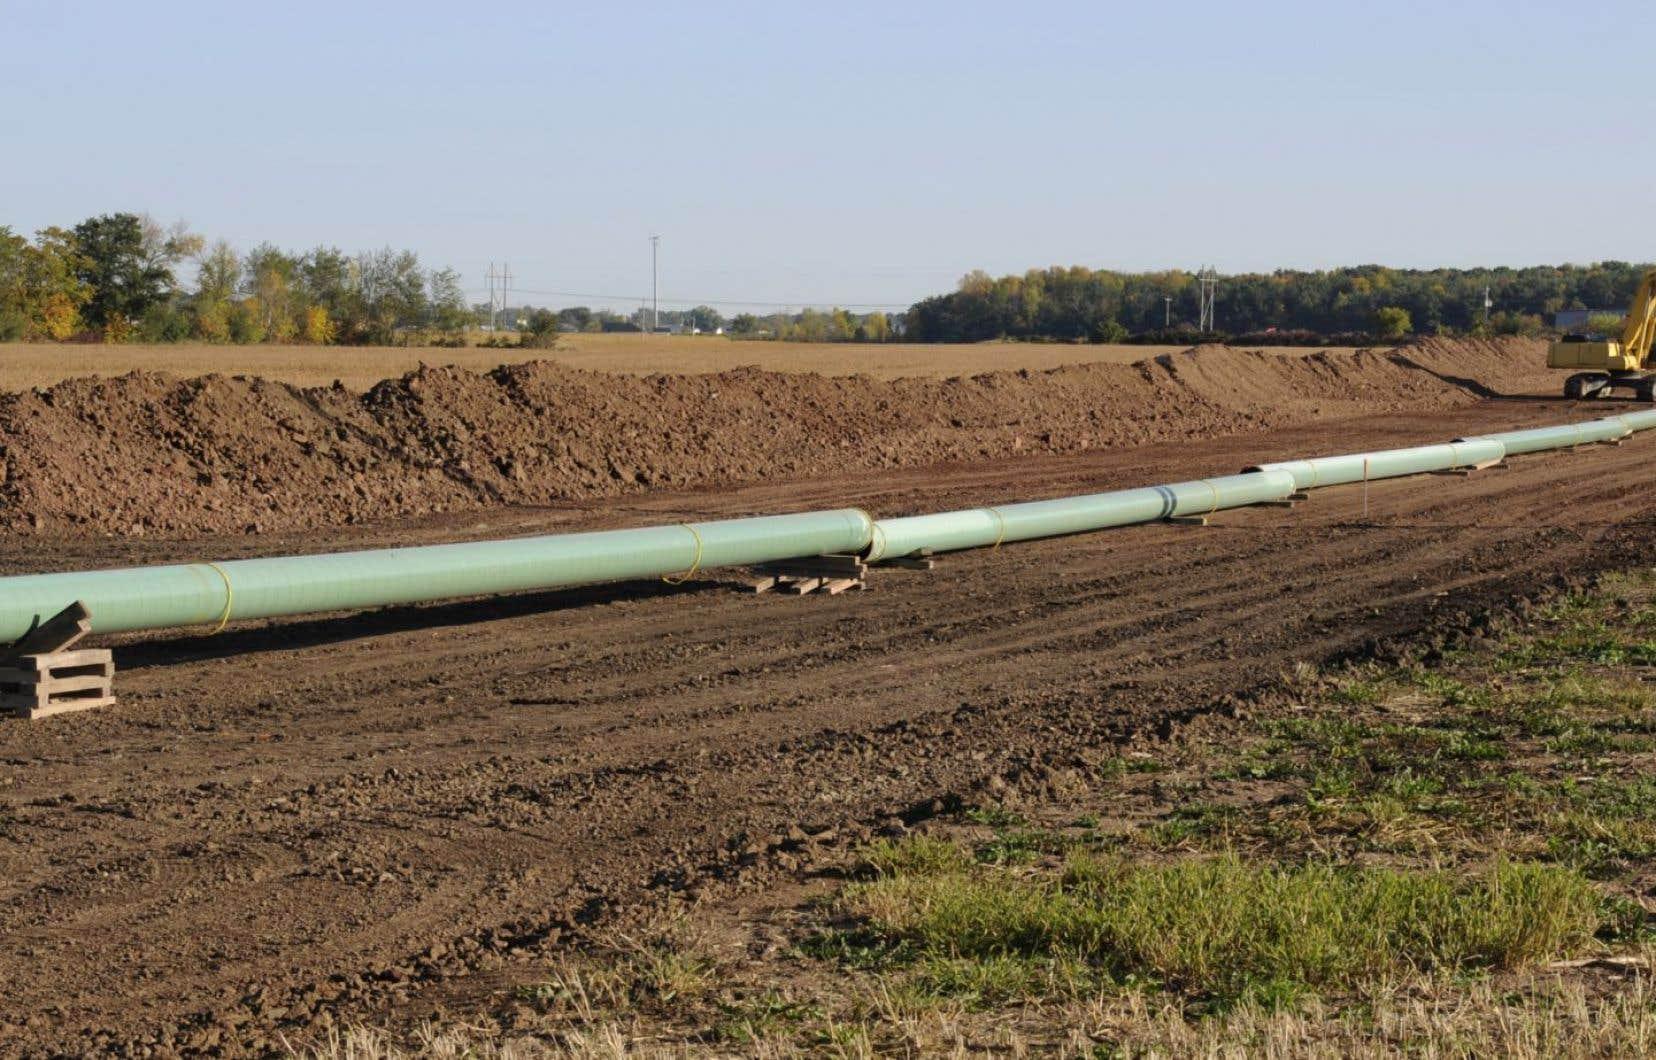 Les groupes environnementaux estiment qu'il est nécessaire de retirer l'évaluation environnementale de projets comme les pipelines du mandat de l'Office national de l'énergie (ONE).